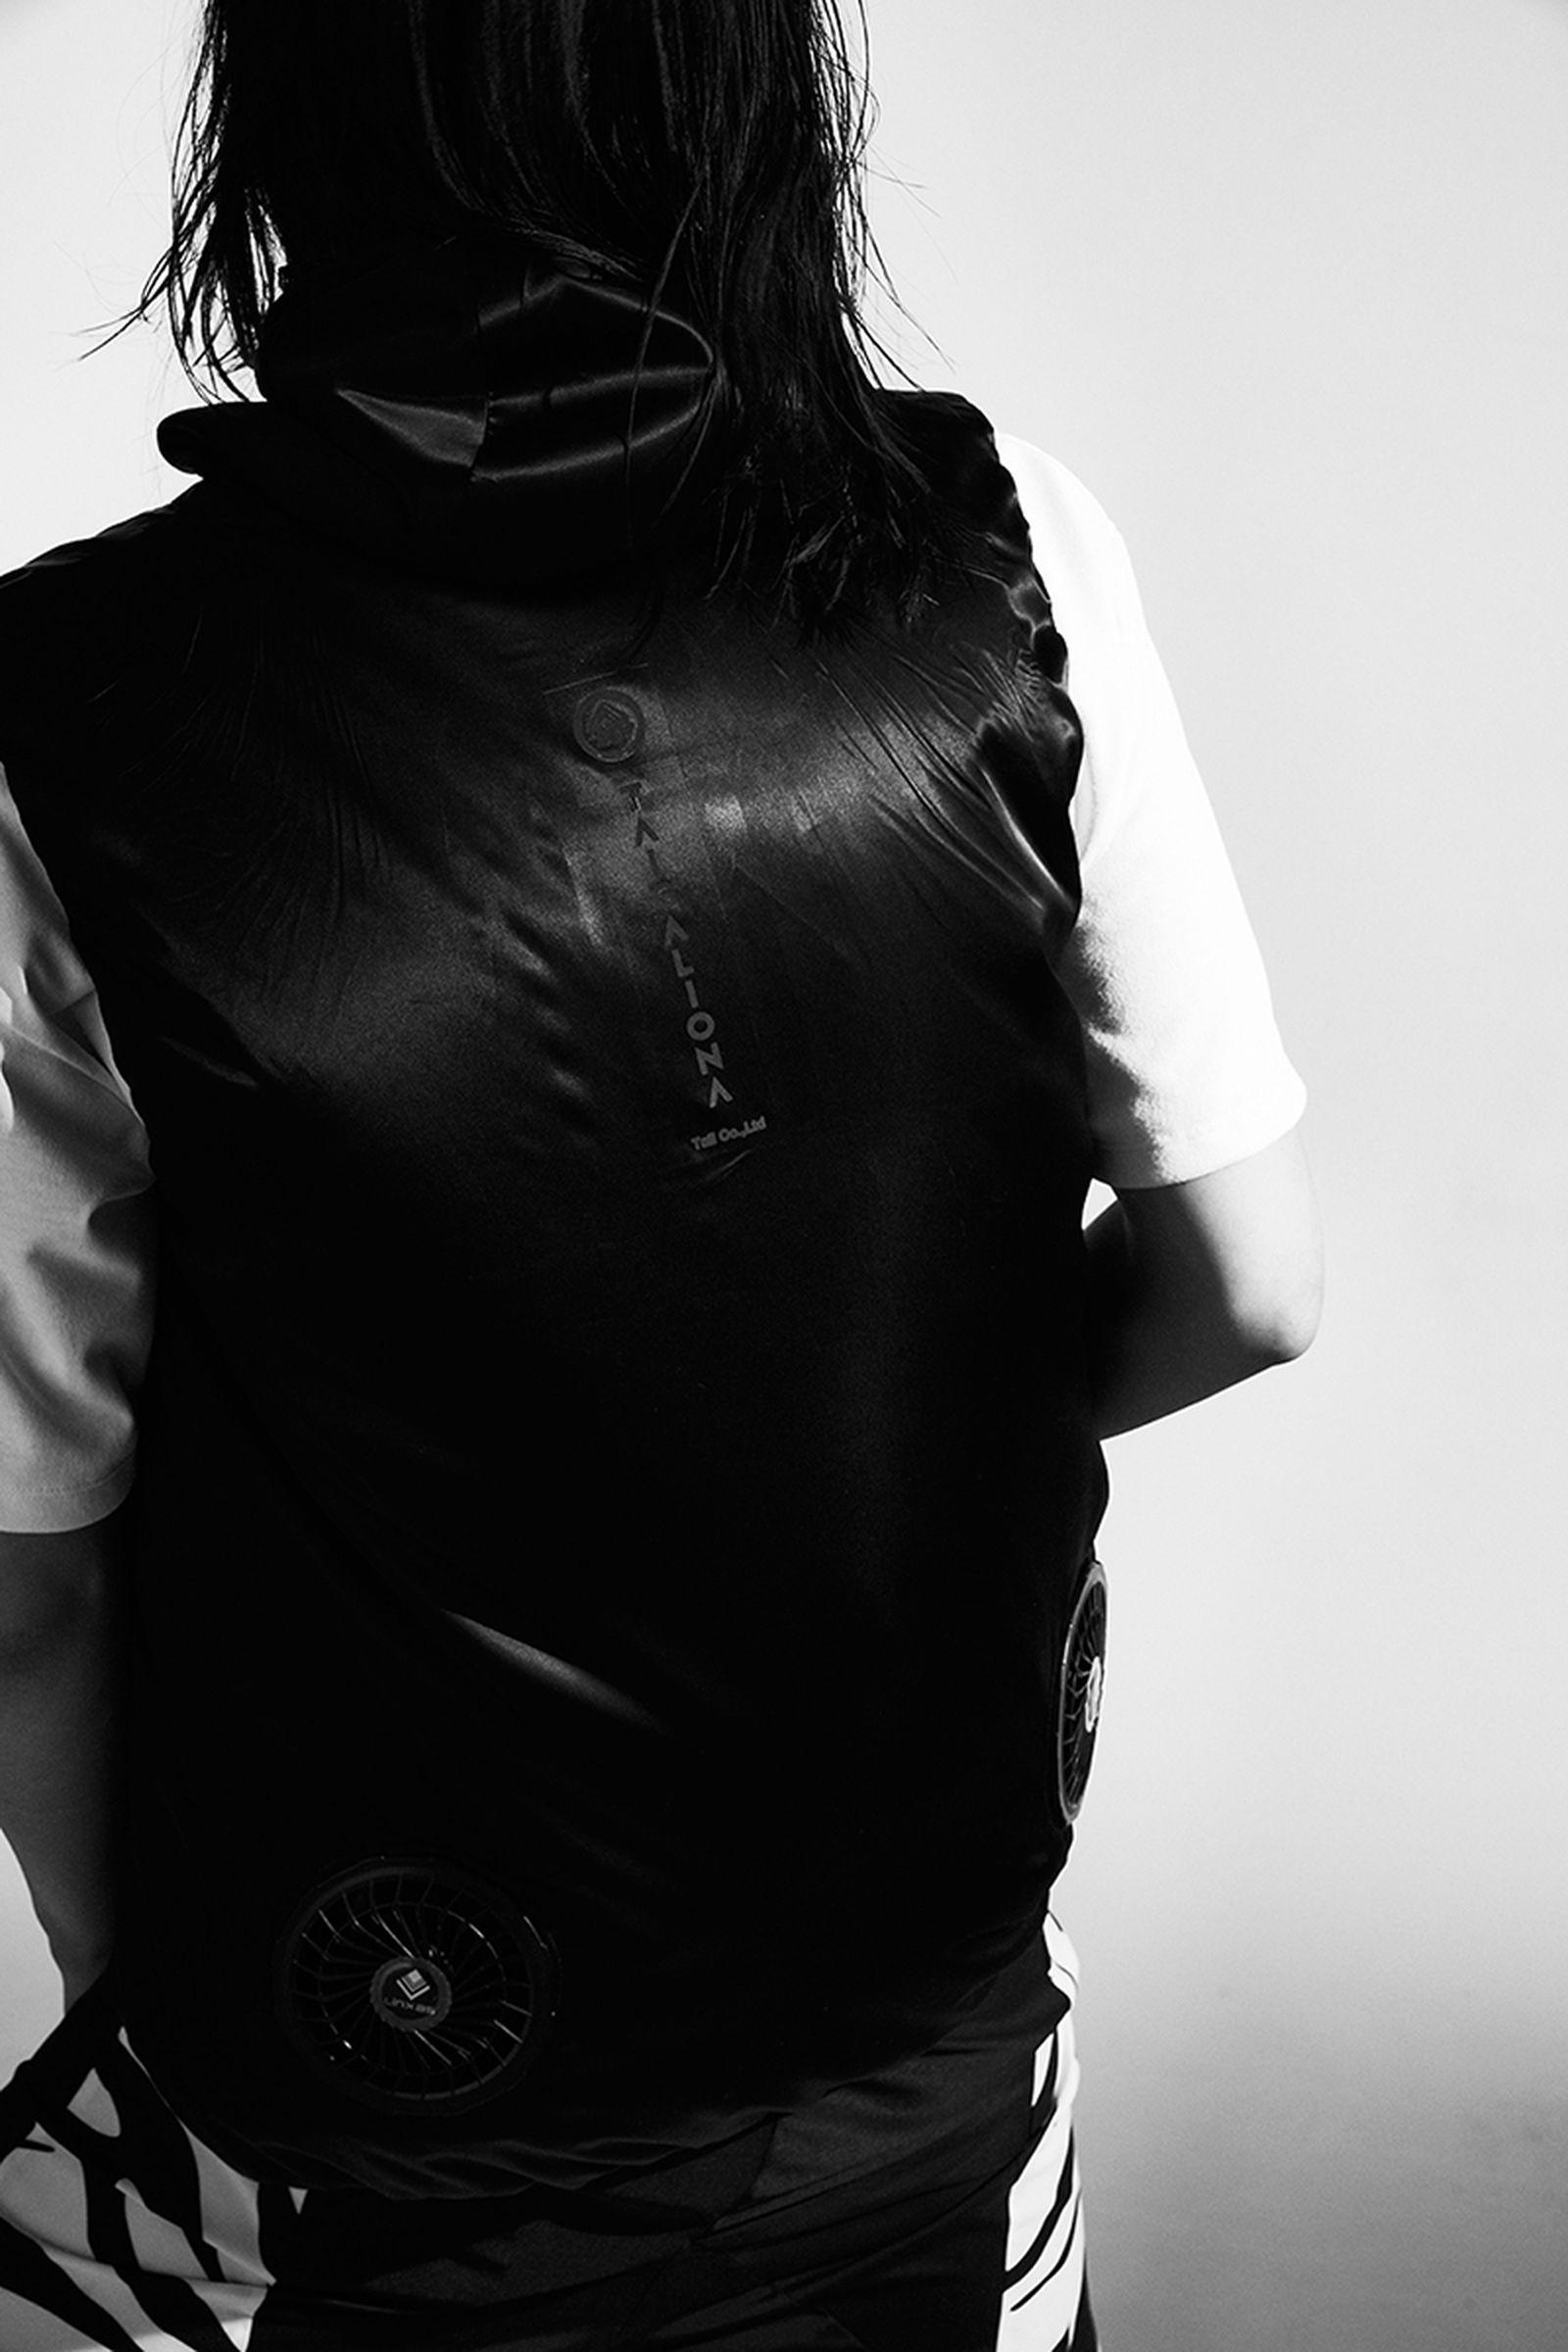 taiga liona fan cooled clothing (3)